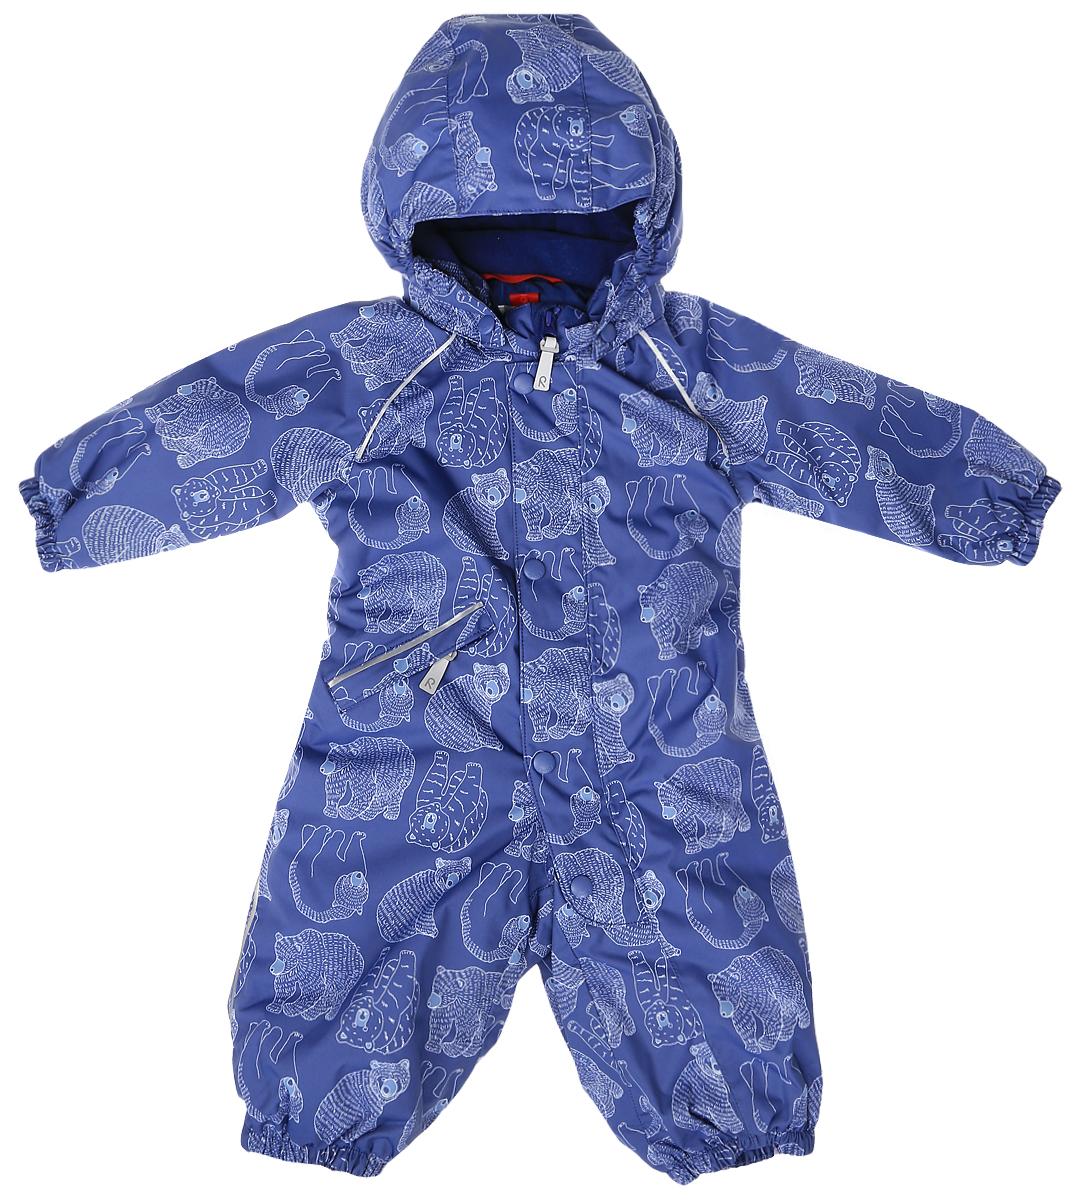 Комбинезон утепленный510229B-6879Детский комбинезон Reima Reimatec Bjorn со средней степенью утепления займет достойное место в гардеробе ребенка. Комбинезон изготовлен из водонепроницаемой и ветрозащитной мембранной ткани с утеплителем из синтепона (160 г). Благодаря специальной обработке полиуретаном поверхность изделия отталкивает грязь и воду, что облегчает поддержание аккуратного вида одежды. Дышащий материал хорошо пропускает воздух, обеспечивая комфорт при носке. Съемный регулируемый капюшон не только защитит в ветреный день, но и обеспечит безопасность во время игр на свежем воздухе. Комбинезон застегивается на пластиковую молнию с защитой подбородка и дополнительно имеет ветрозащитную планку. С помощью удобной системы кнопок Play Layers® к нему можно присоединять одежду промежуточного слоя Reima®. В холодные дни промежуточный слой подарит вашему ребенку дополнительное тепло и комфорт. Спереди модель дополнена прорезным карманом, который...